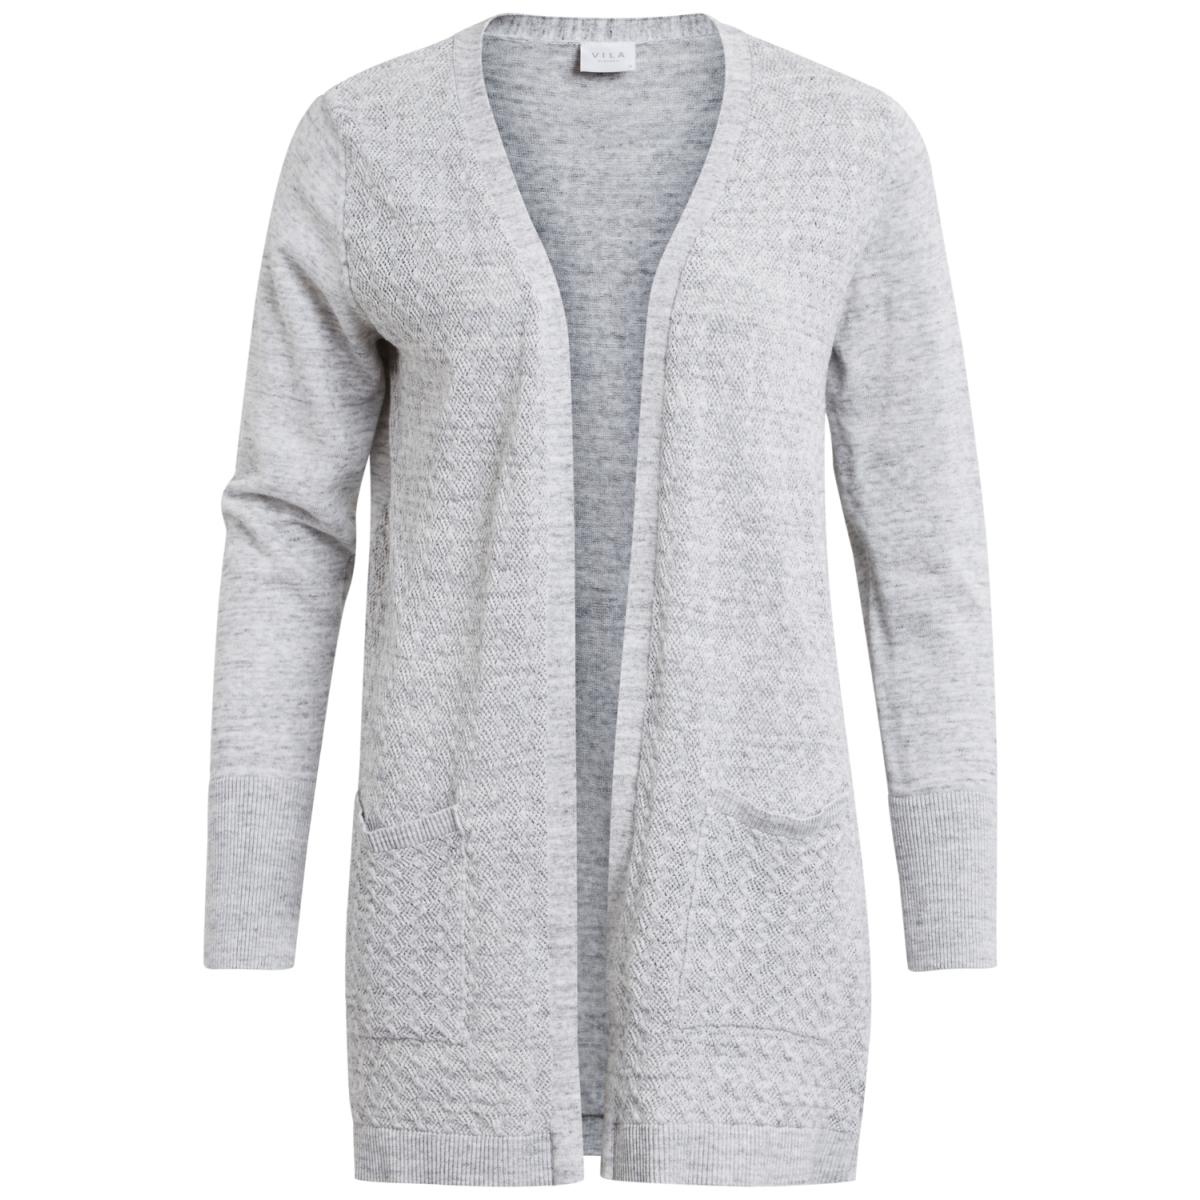 vimartha l/s open knit cardigan pb 14042199 vila vest super light grey melange